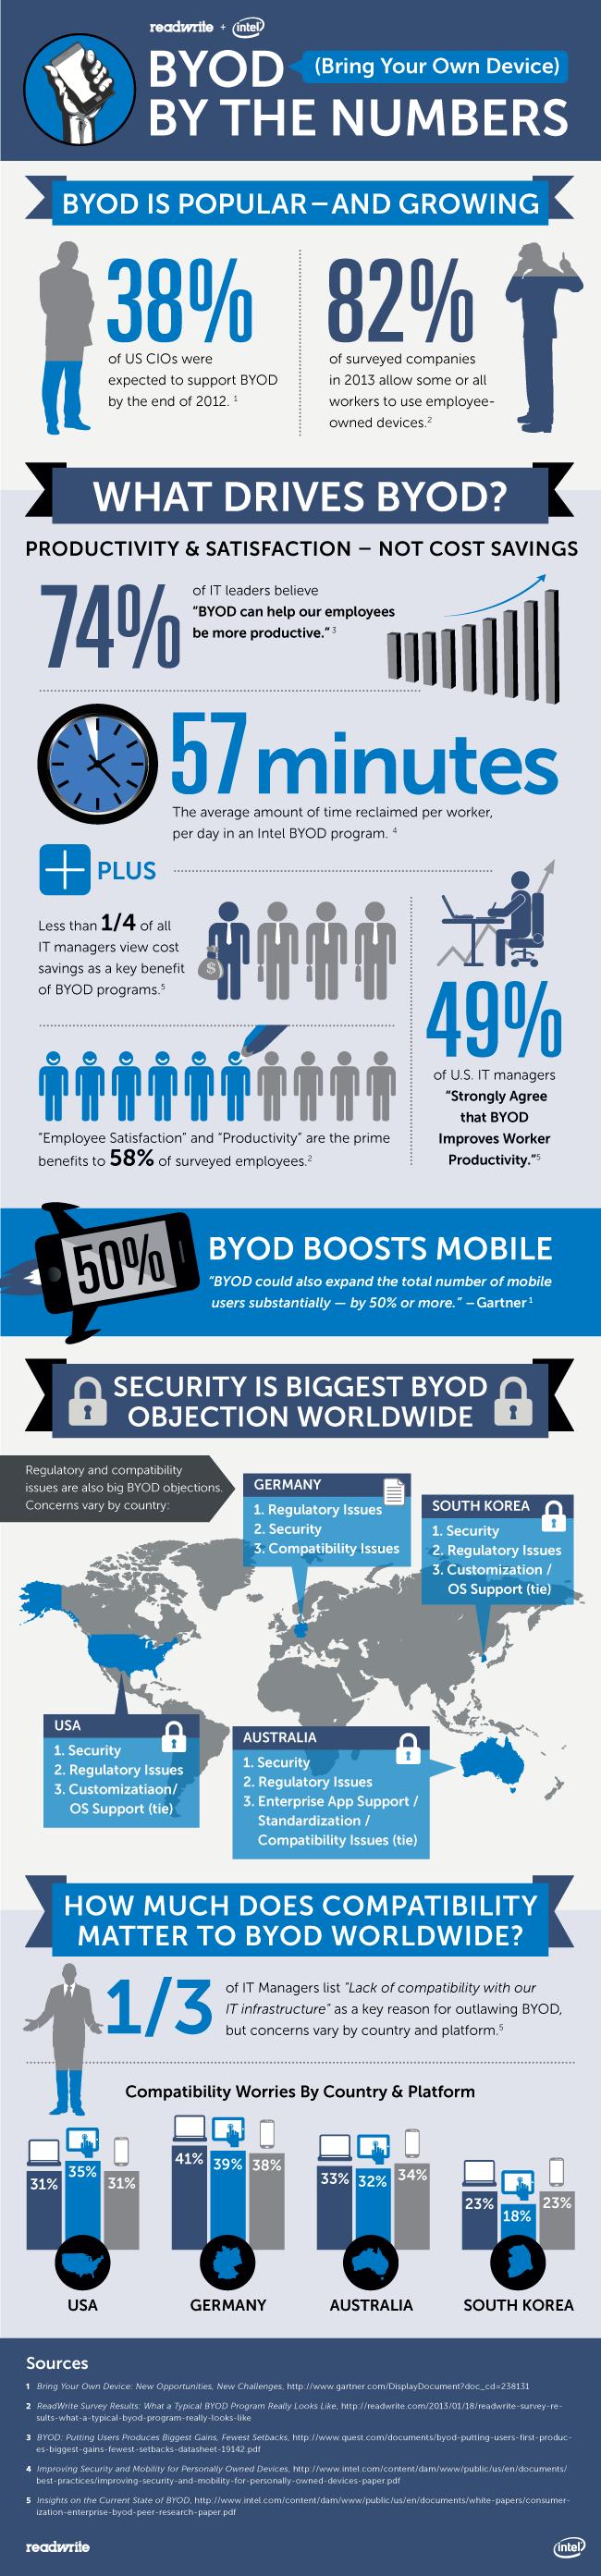 BYOD Stats